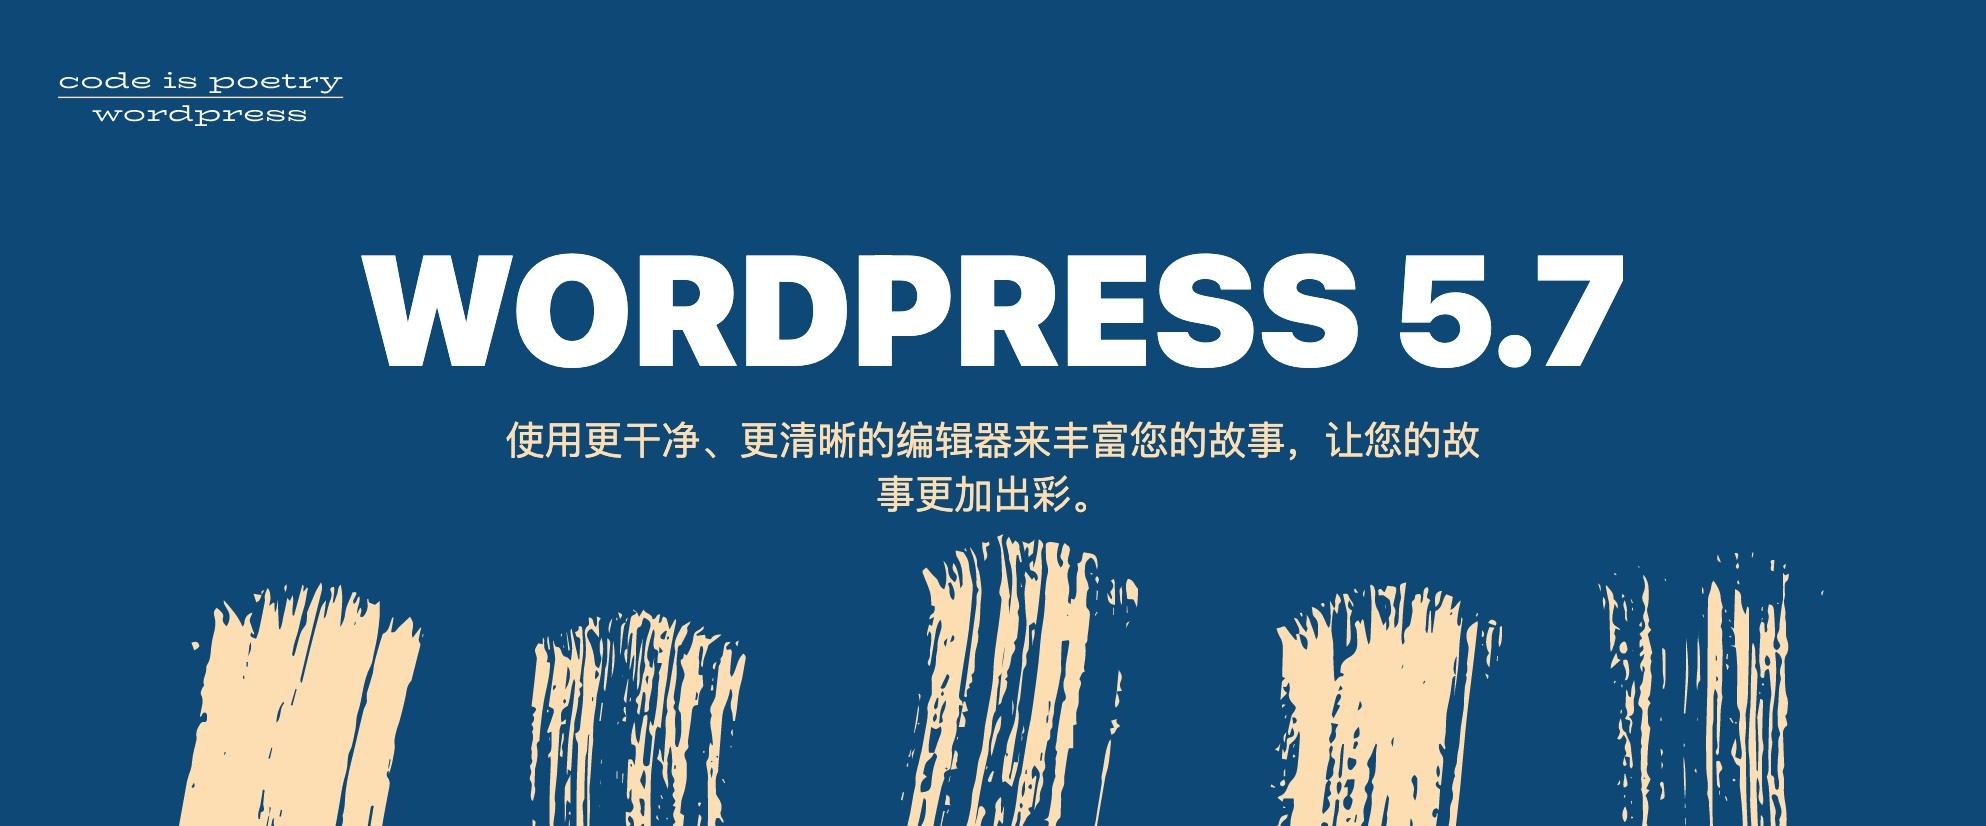 网站建站程序 WordPress 5.7 正式版发布插图1